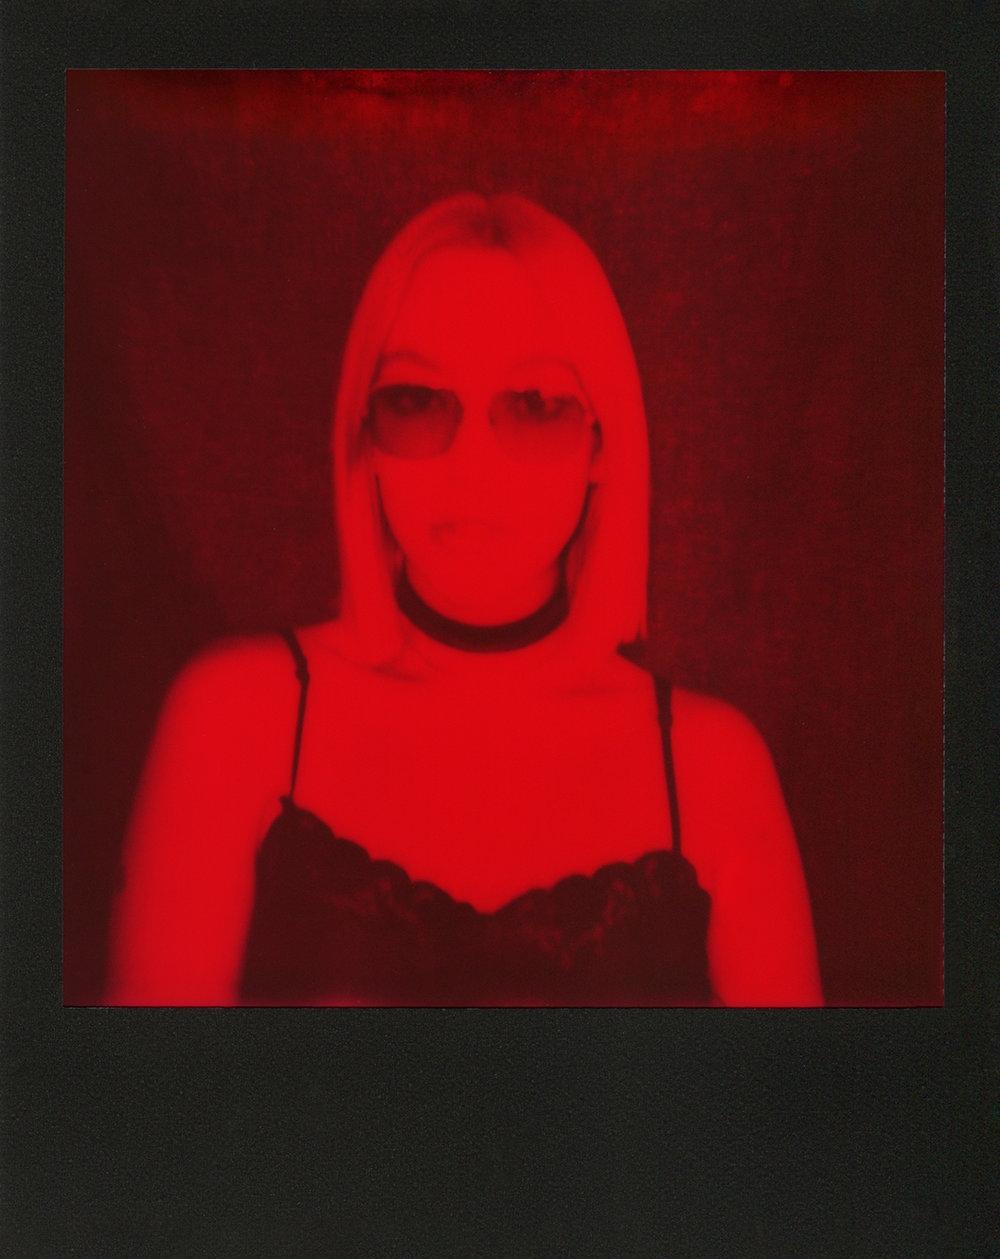 Apphia-Red-Polaroid-casenruiz.jpg